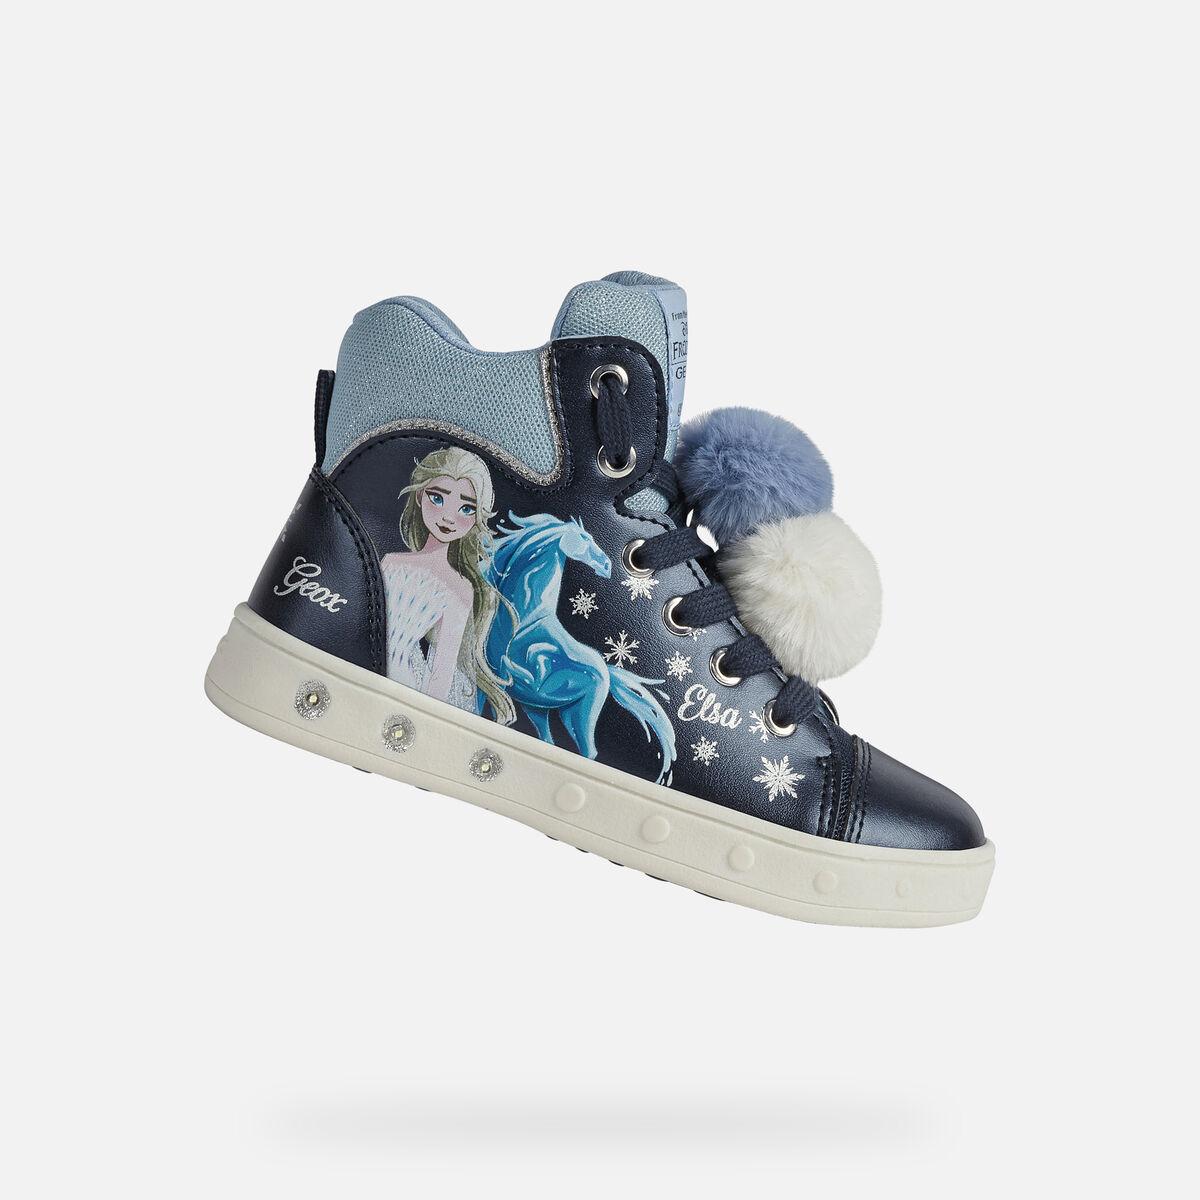 GEOX dětské kotníkové boty se svítící podrážkou SKYLIN GIRL modré - J168WC